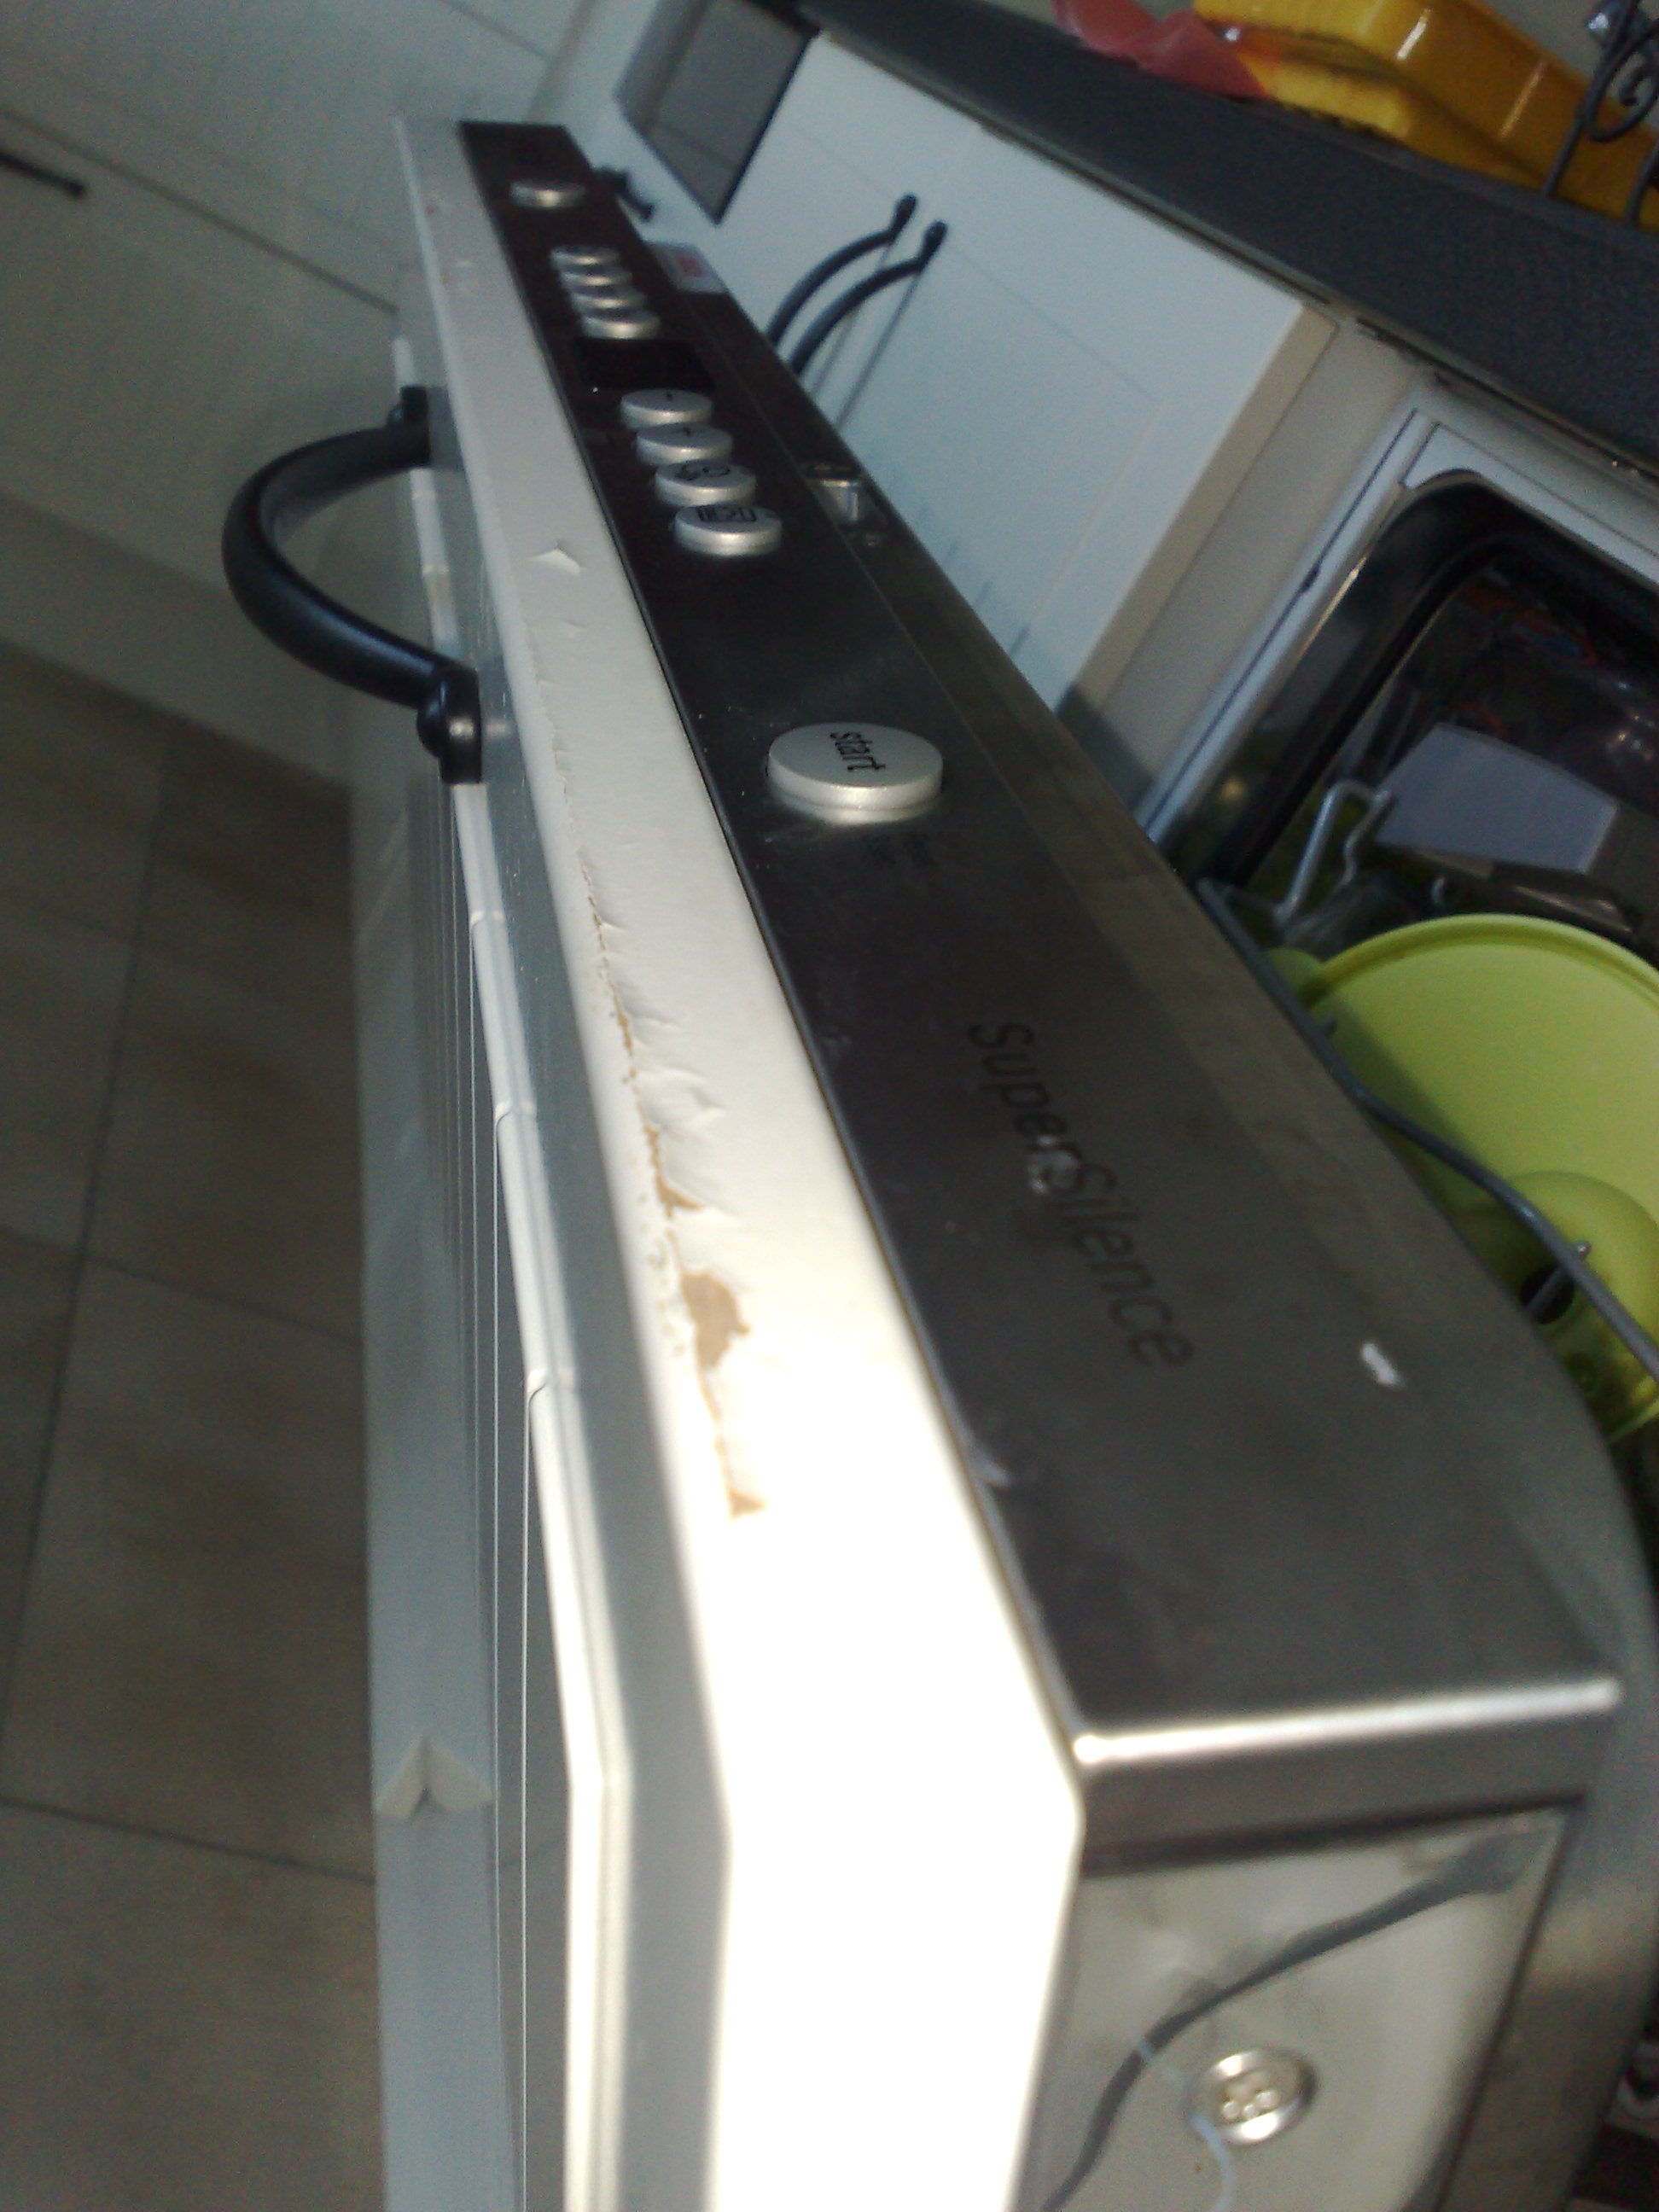 porte cuisine lave vaisselle int grable qui cloque juste. Black Bedroom Furniture Sets. Home Design Ideas